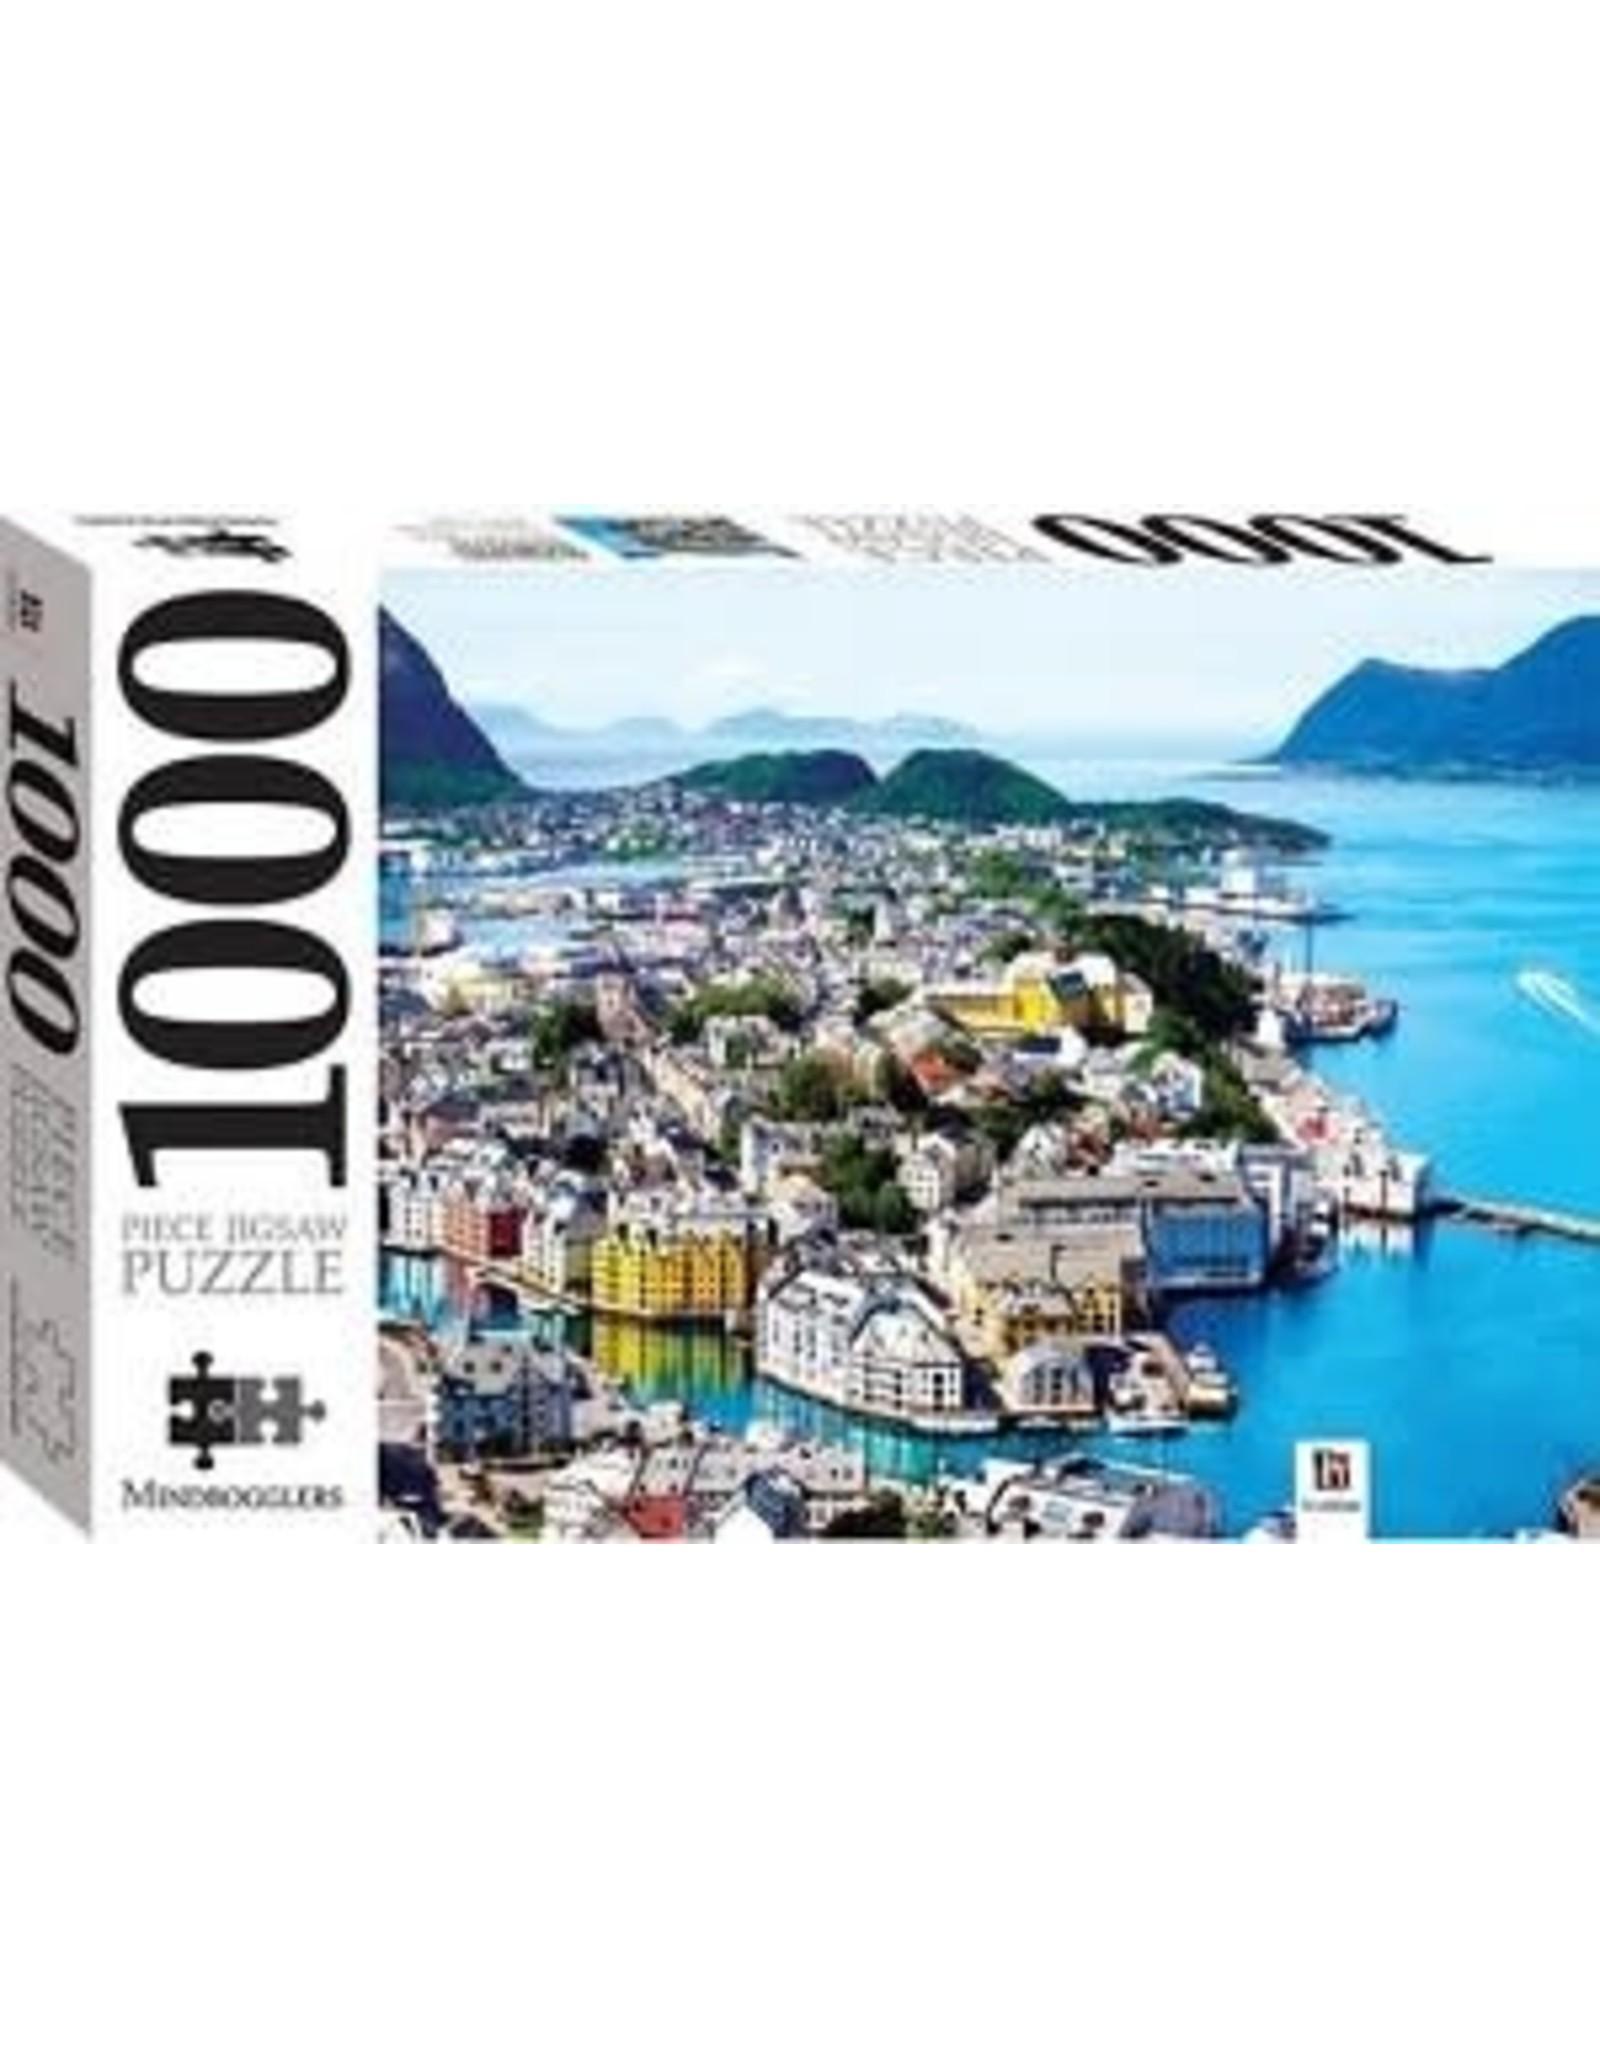 Alesund Noorwegen - 1000 stukjes